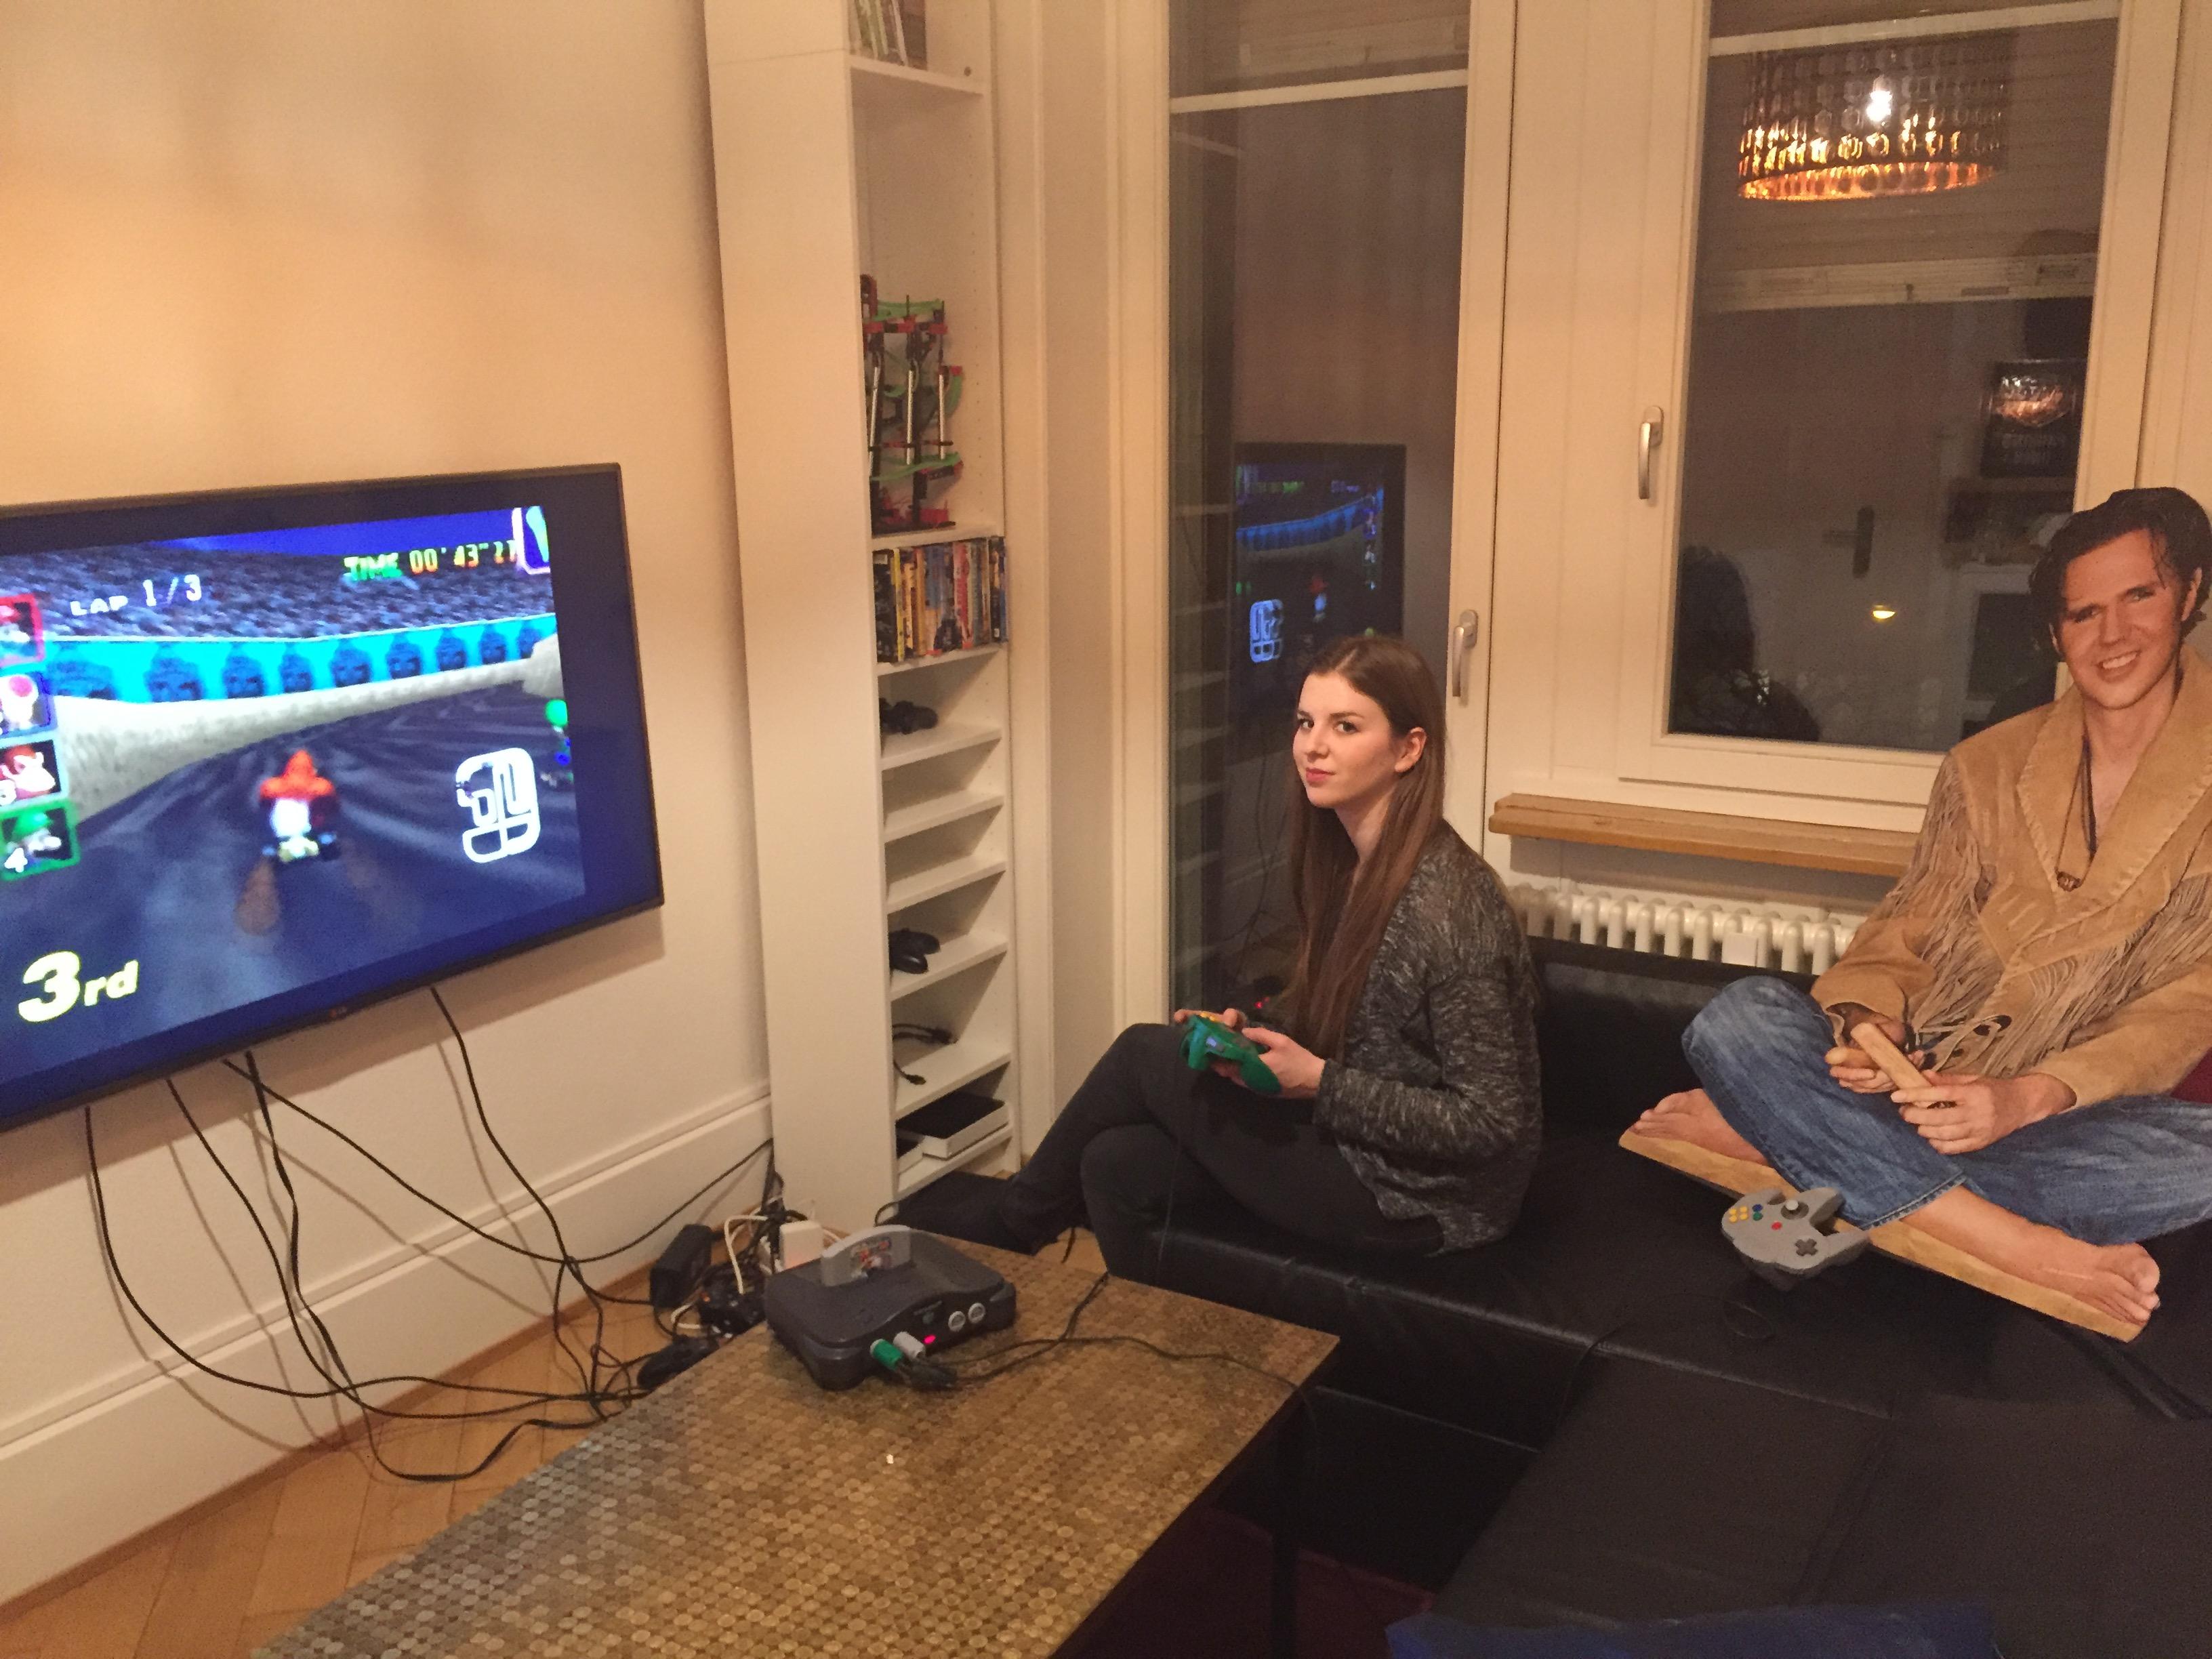 Fragen Sie nicht, wieso ich mit einer Pappfigur Mario Kart spiele. Und wieso ich nur auf dem dritten Platz bin.